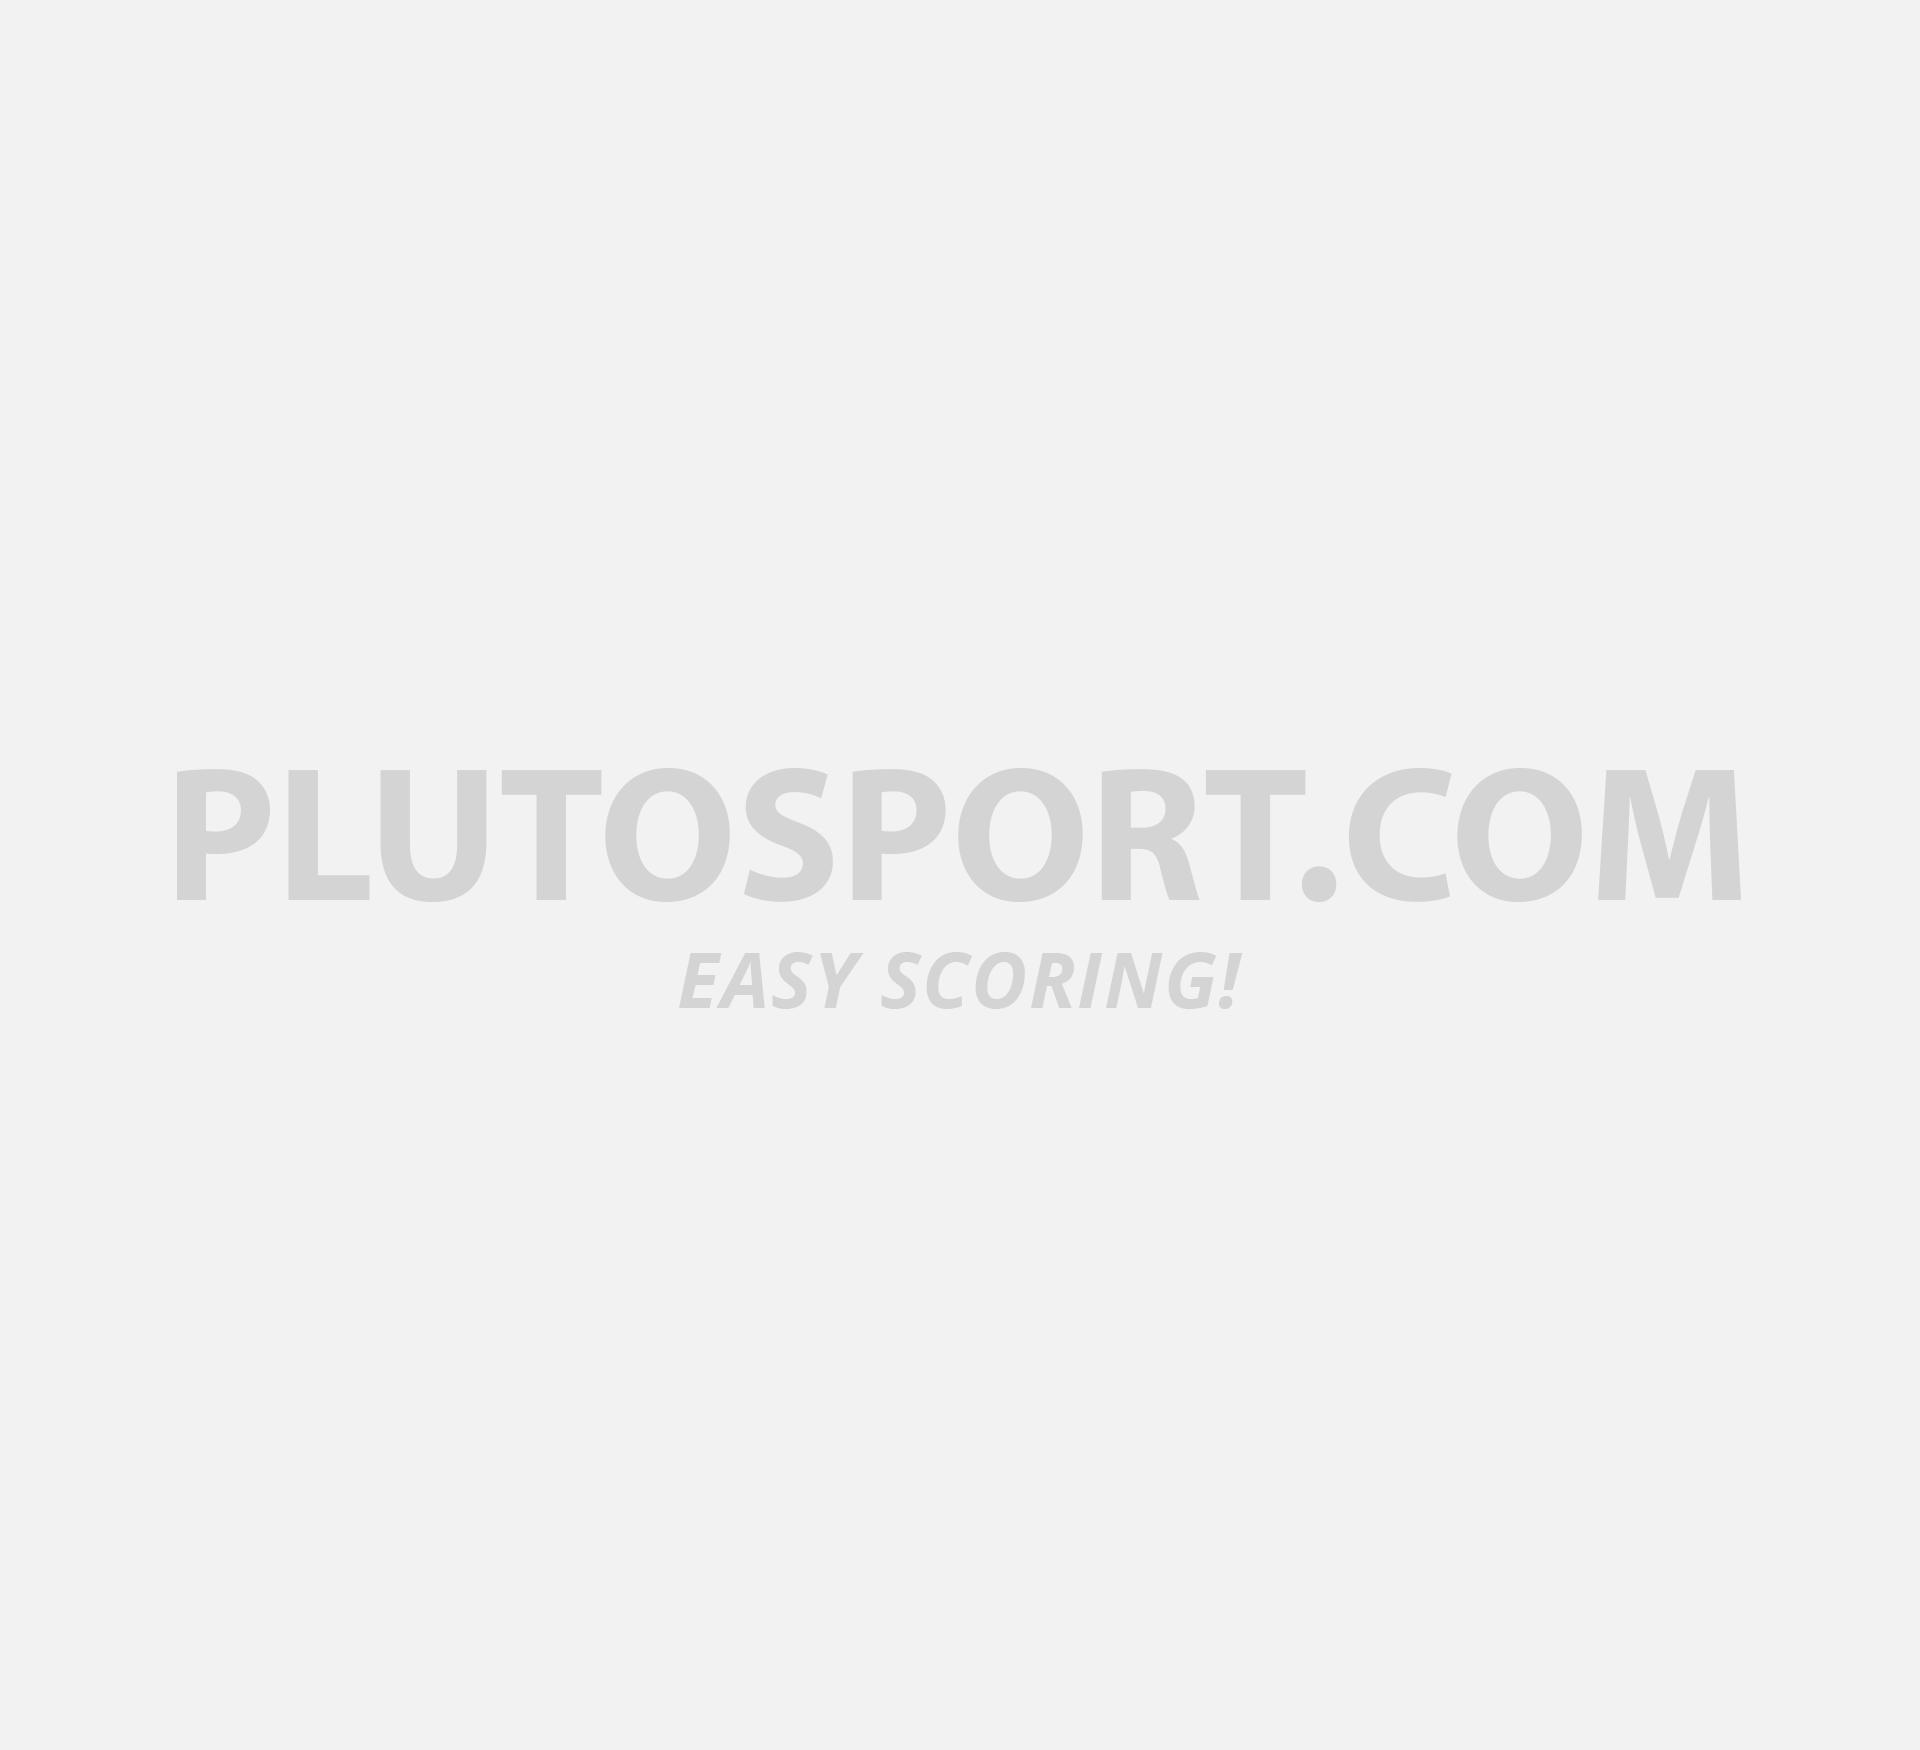 Calvin Klein Trunk Boxershorts Men (3-pack)